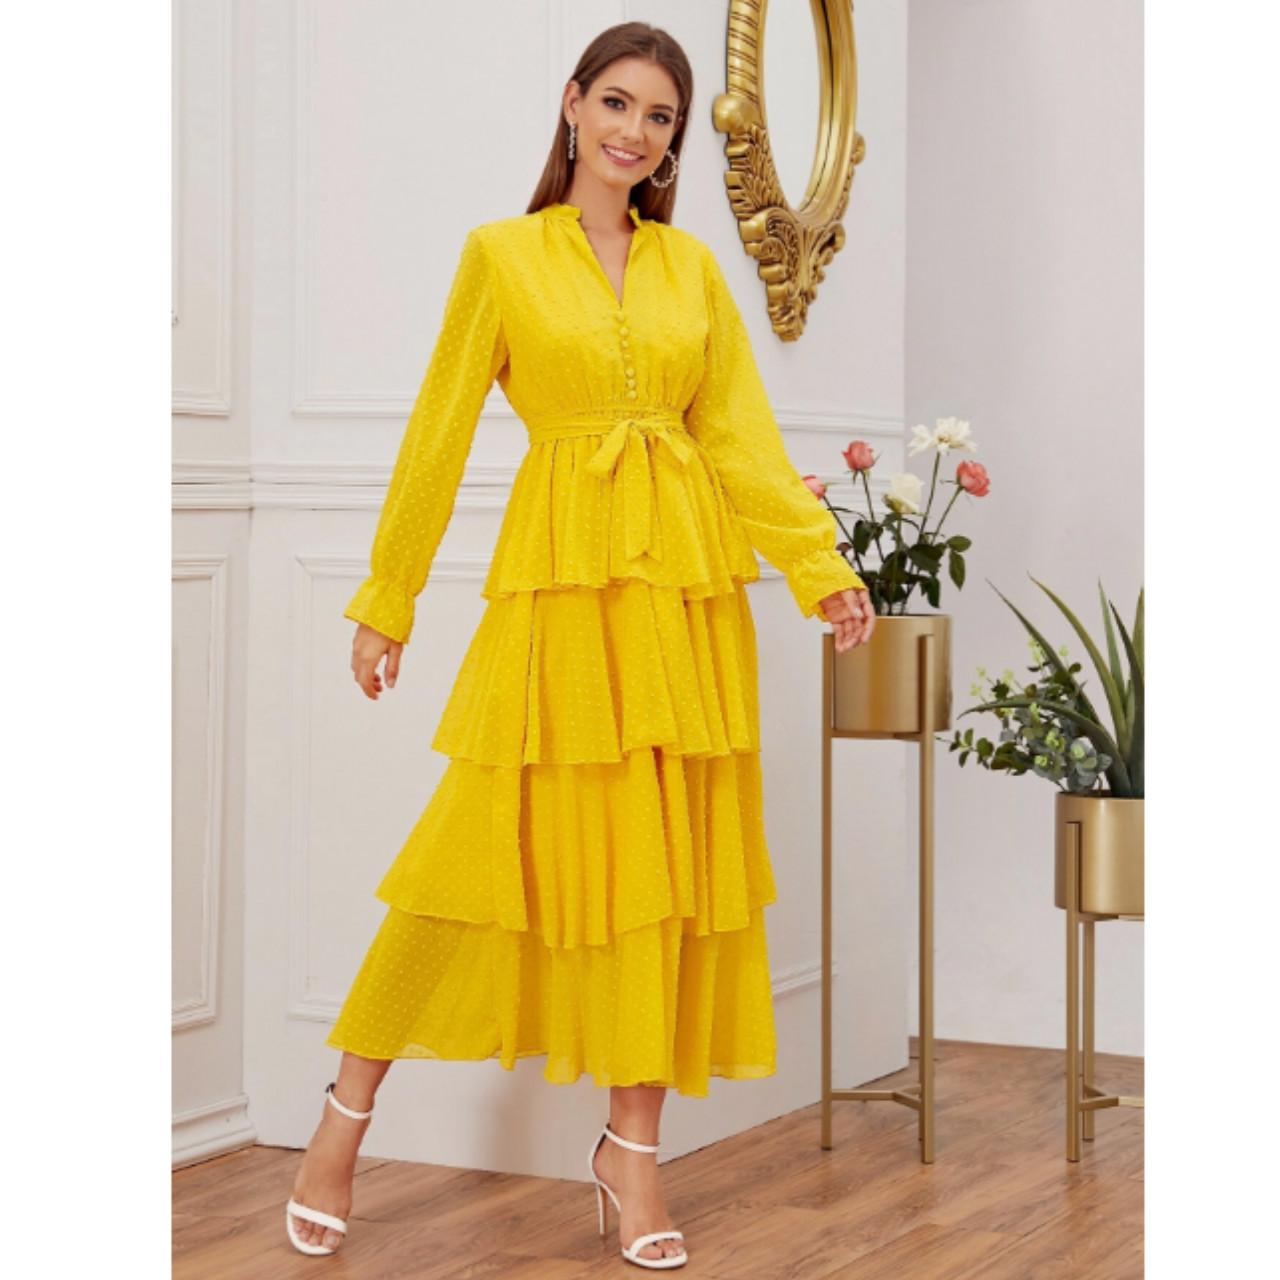 Swiss dot layered ruffle trim belted dress m